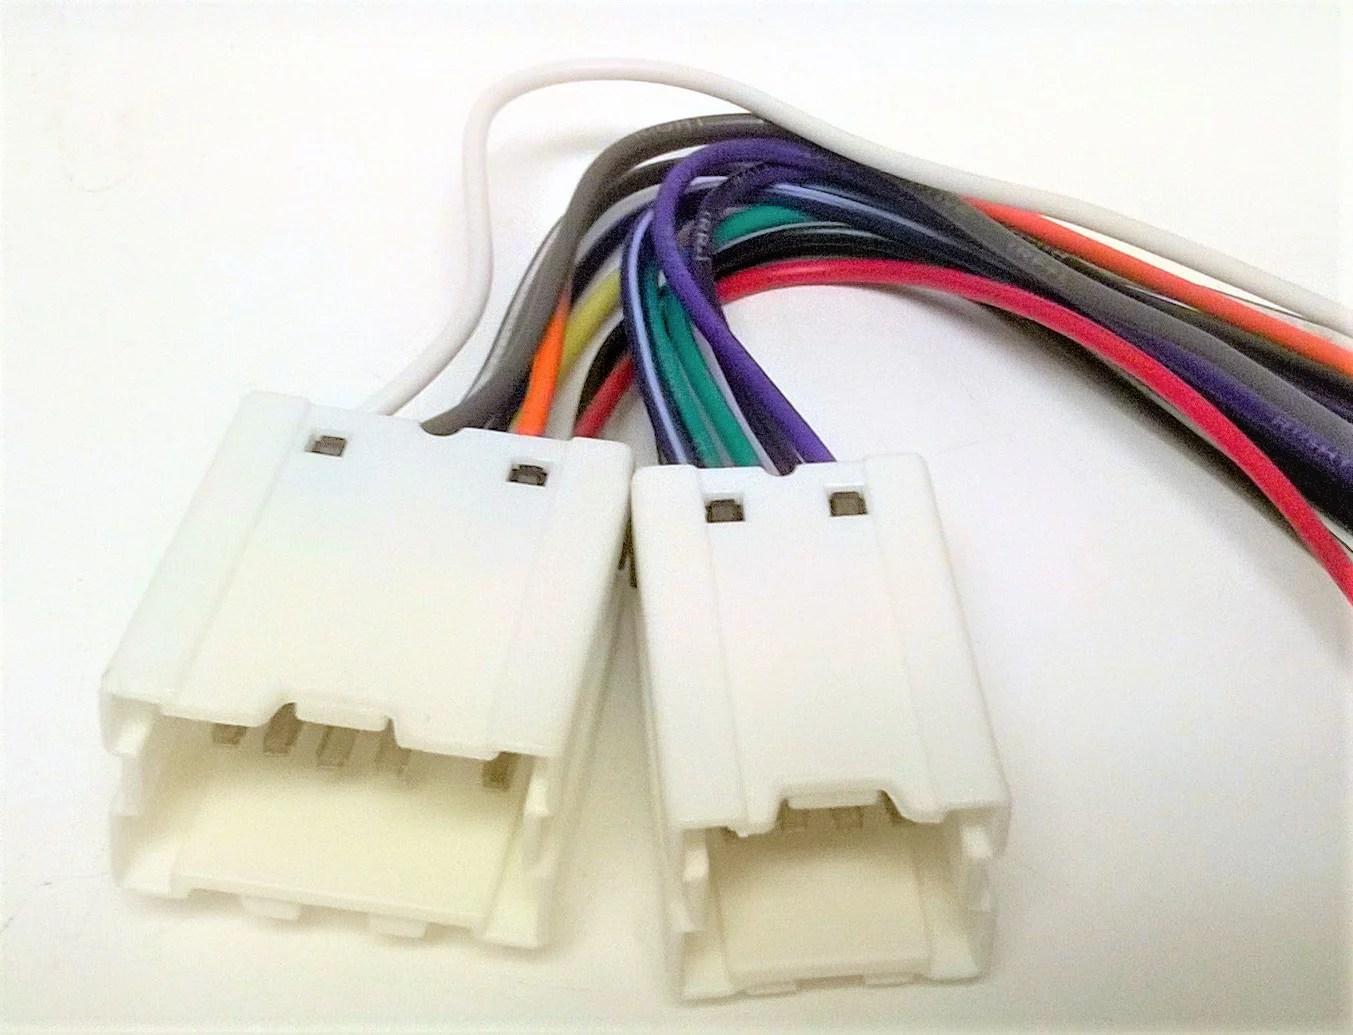 medium resolution of carxtc radio wire harness installs new car stereo fits infiniti i30carxtc radio wire harness installs new